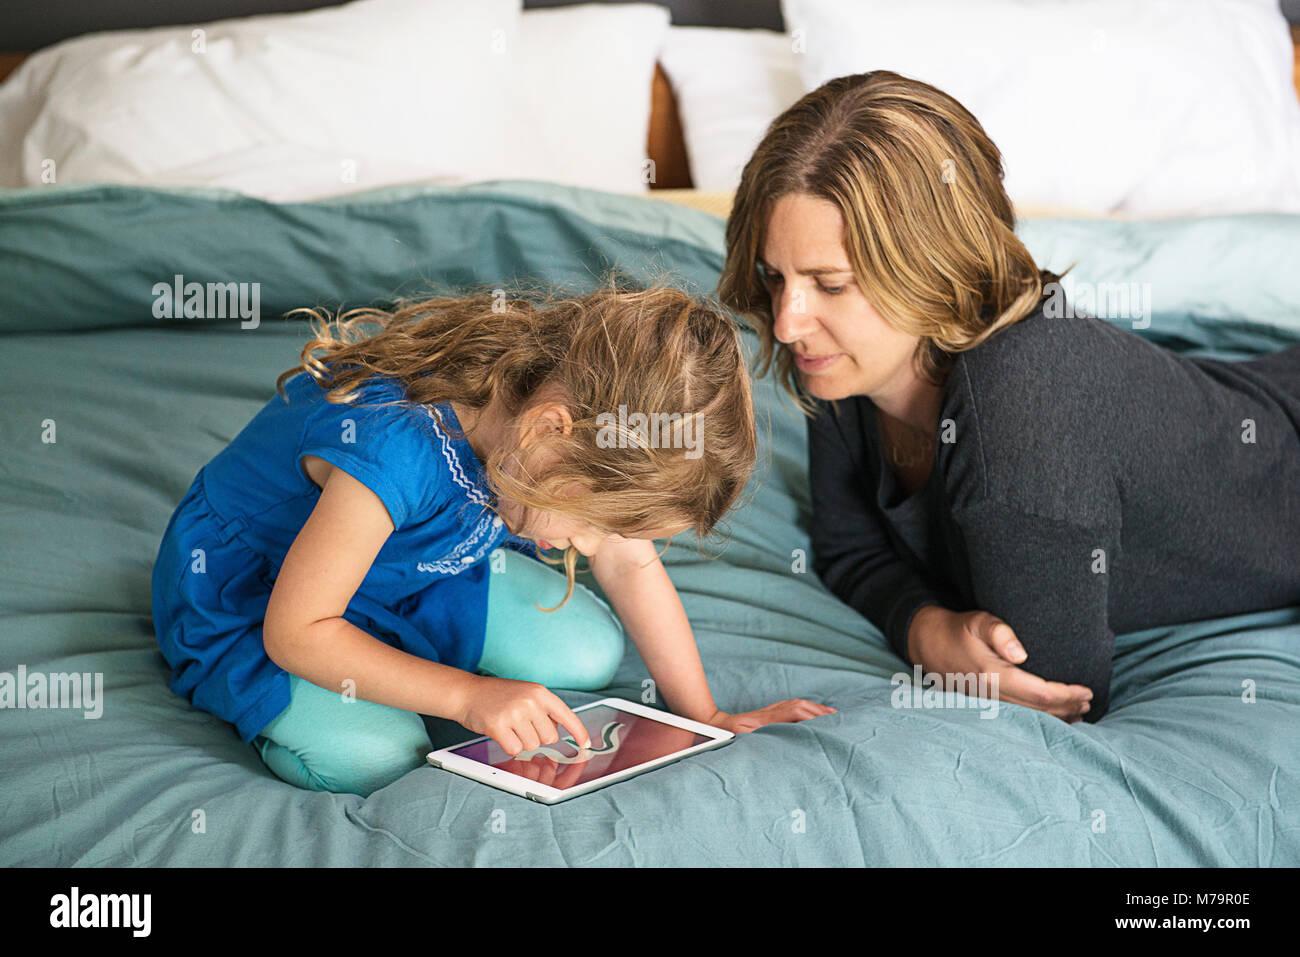 Una mujer mirando a su hija aprenda a escribir utilizando un ipad mini. Imagen De Stock